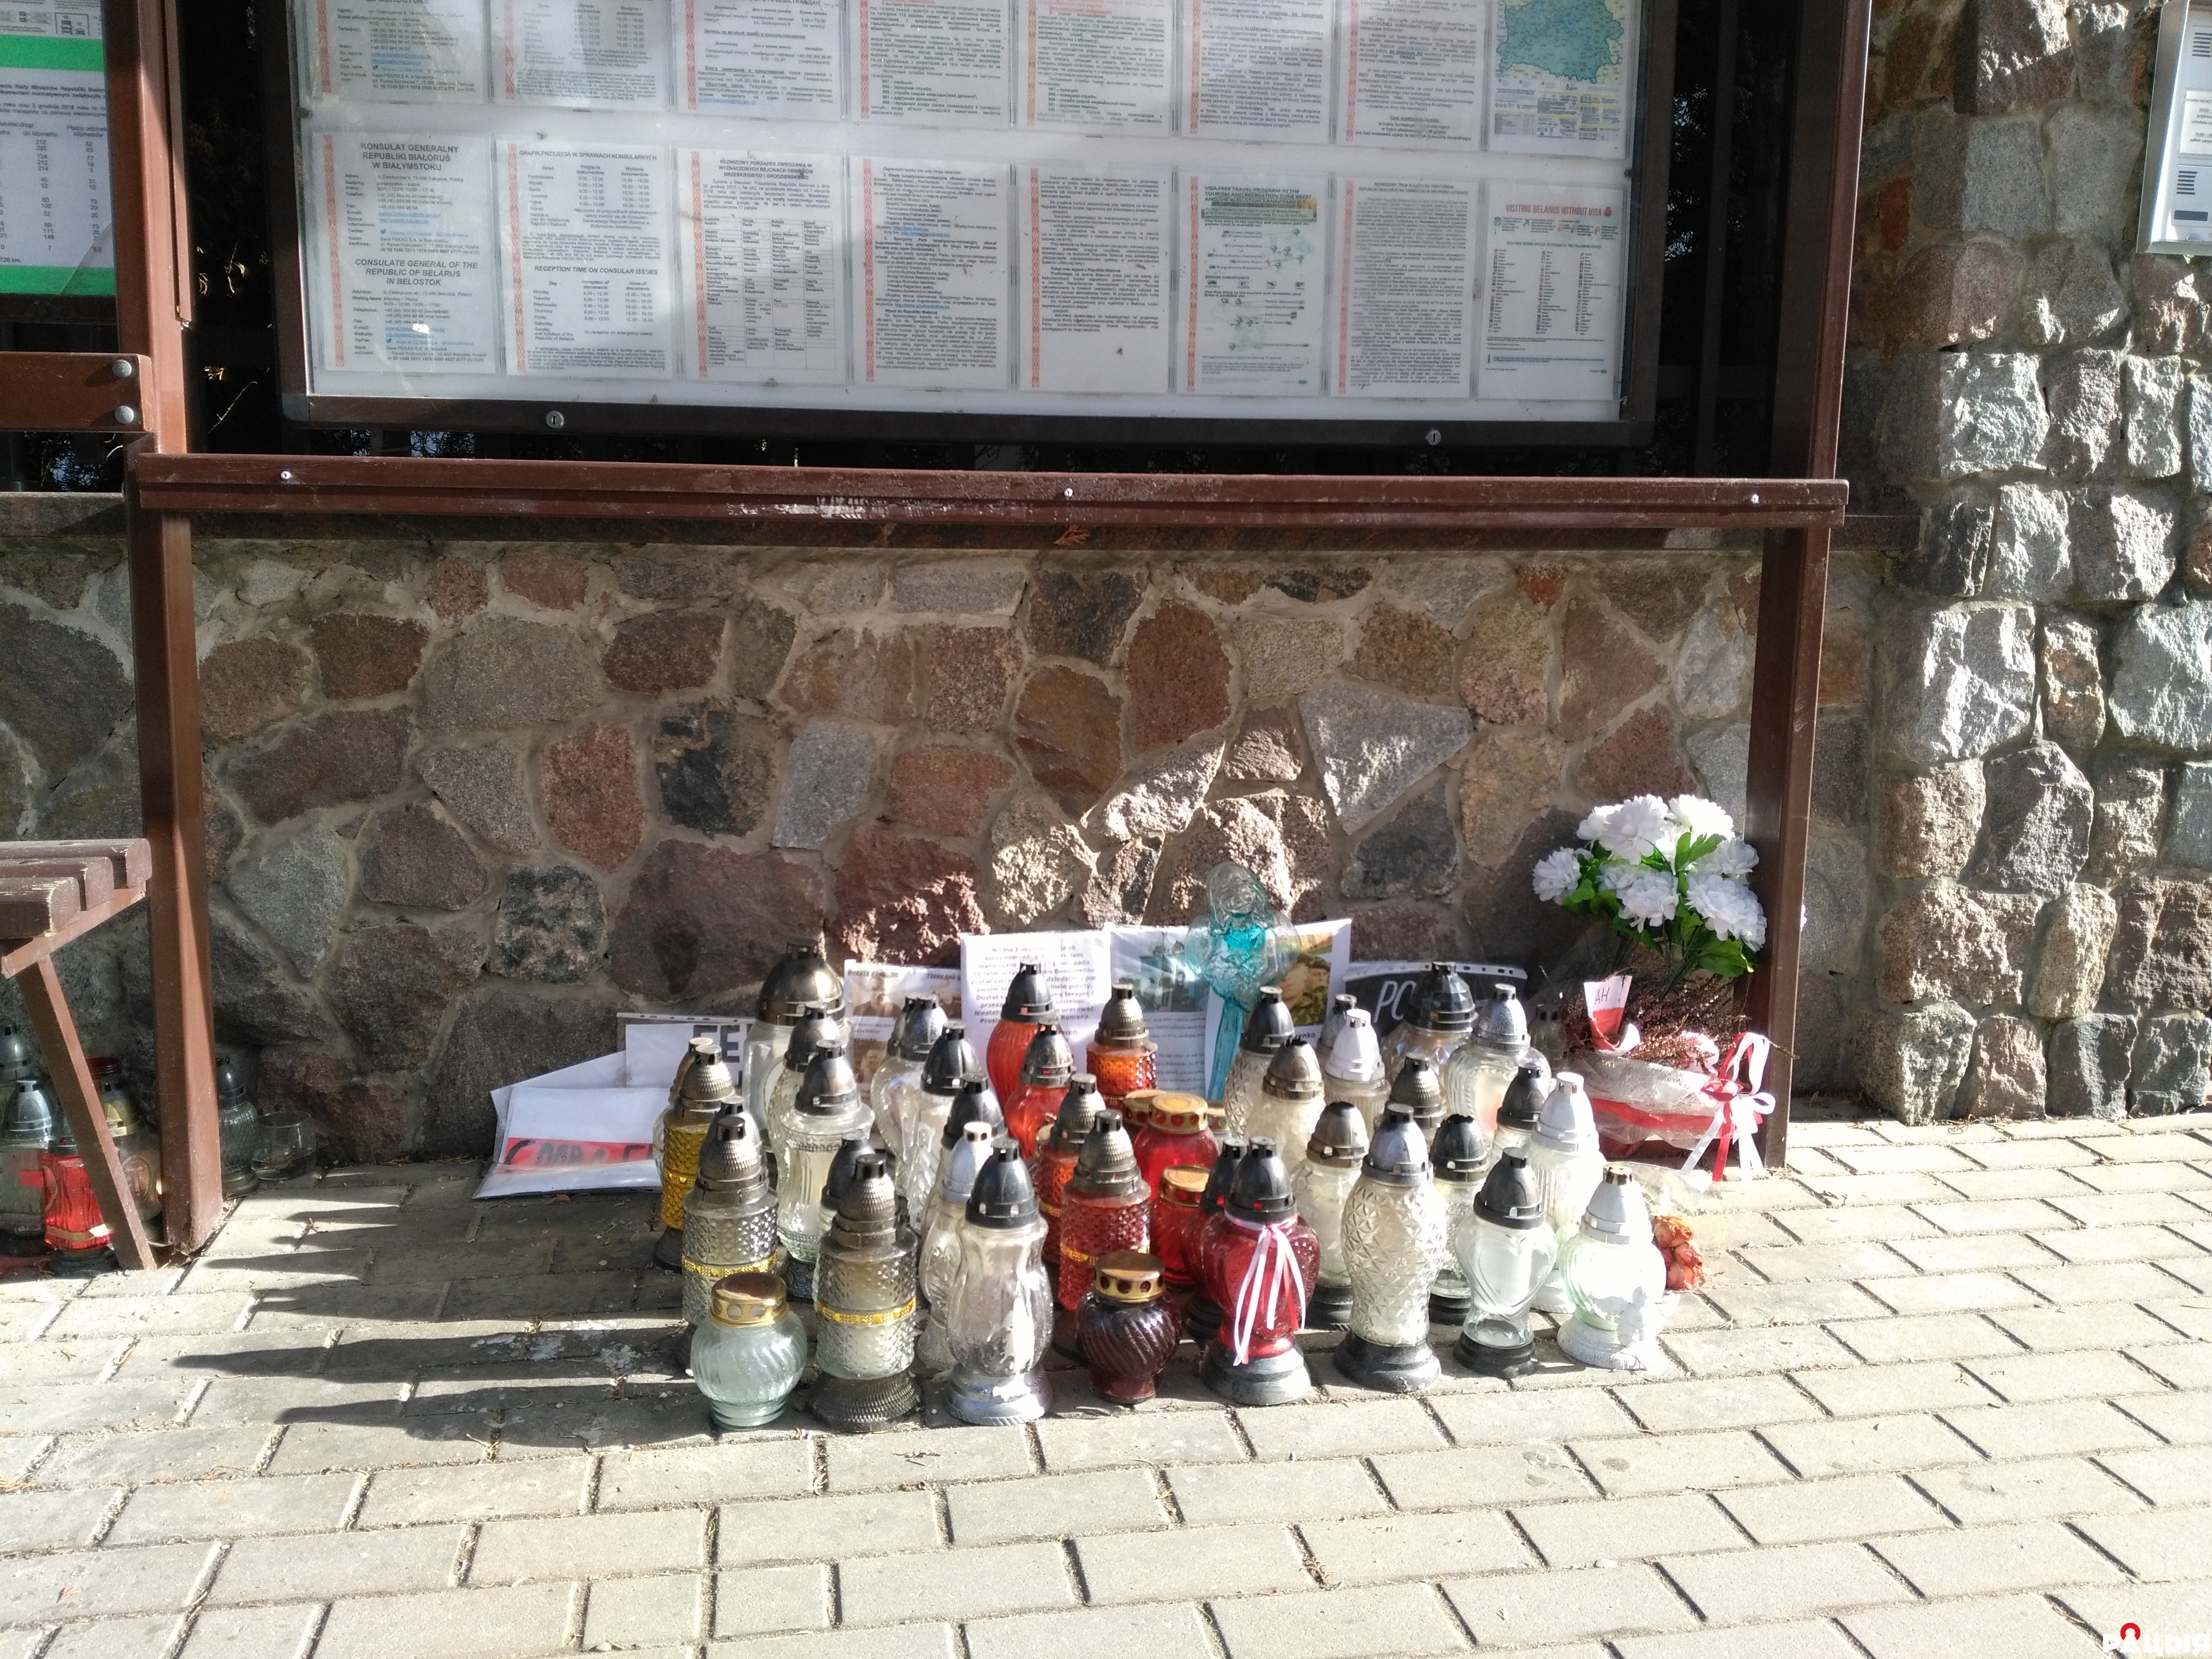 Насупраць беларускага консульства ў Беластоку з'явіліся плакаты БНР2